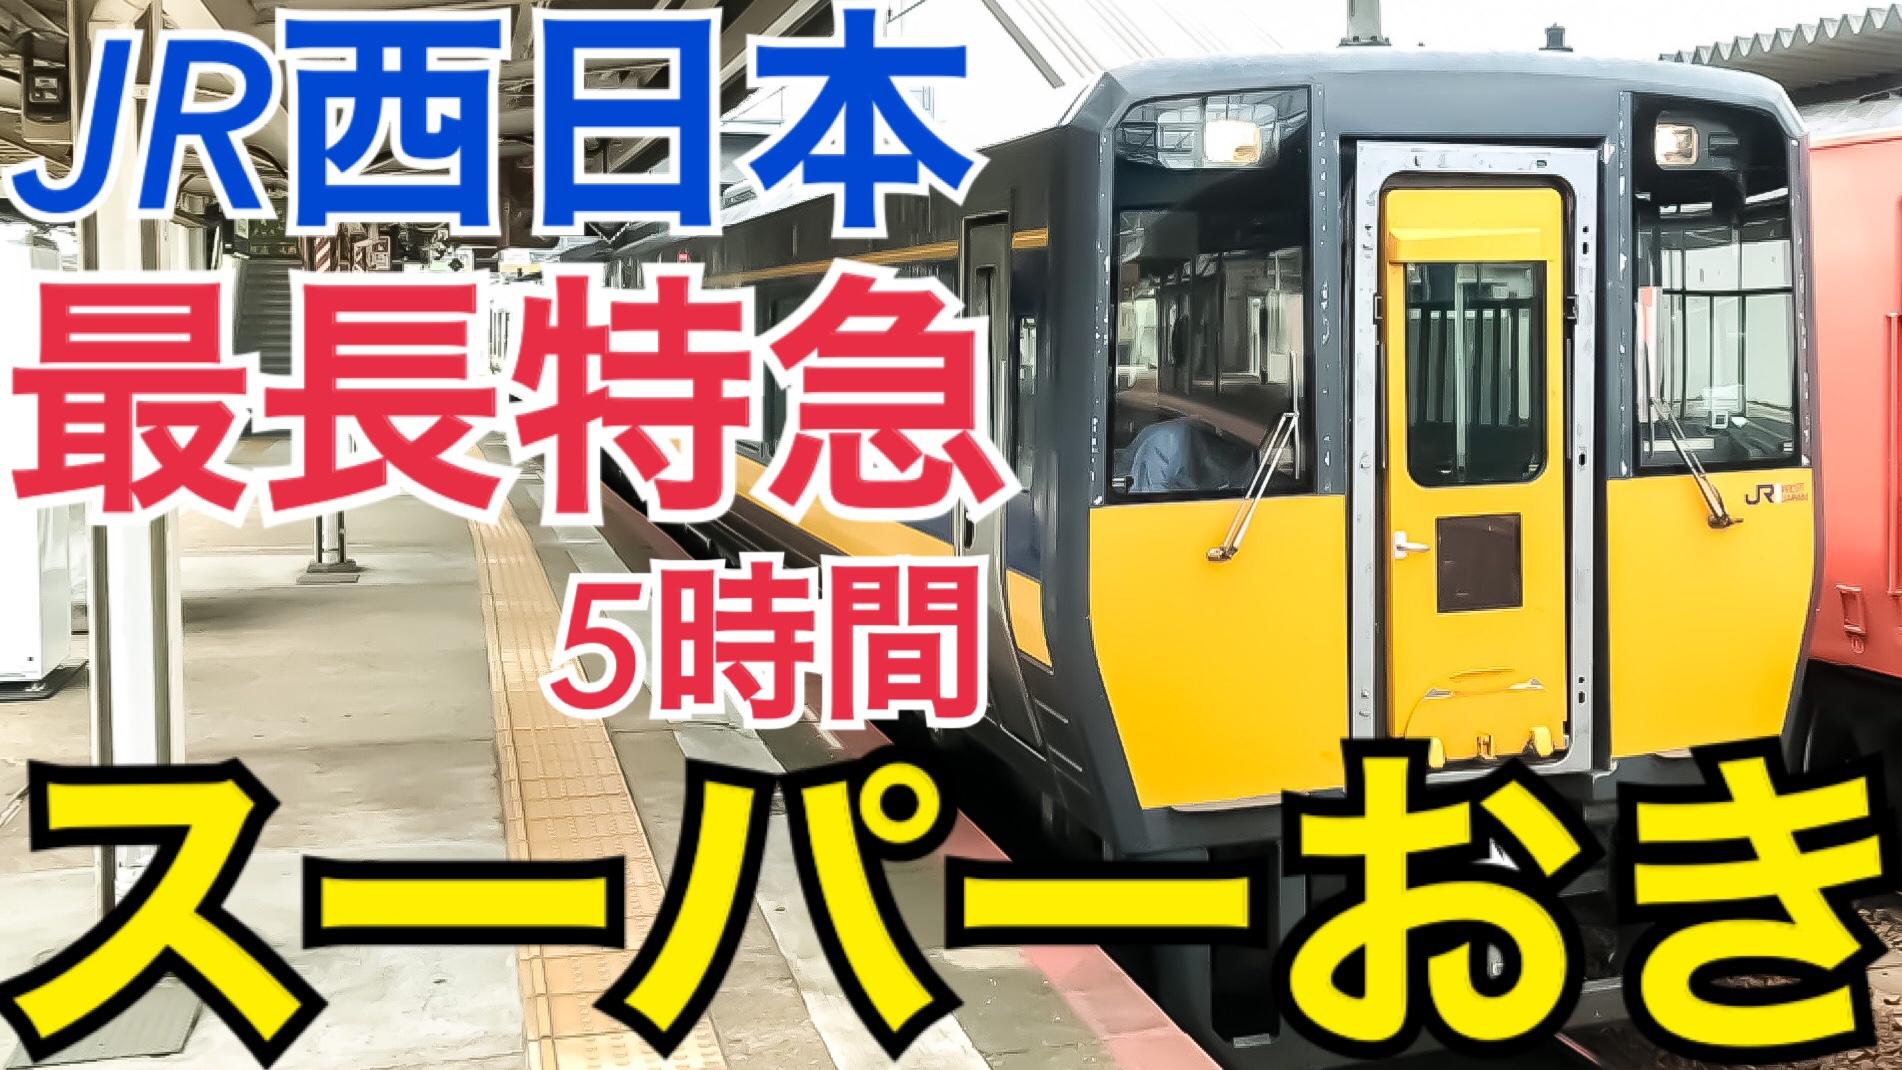 高速運転!飽きない!JR西日本最長特急「スーパーおき」乗車記 所要時間は5時間!【西日本1周の旅】